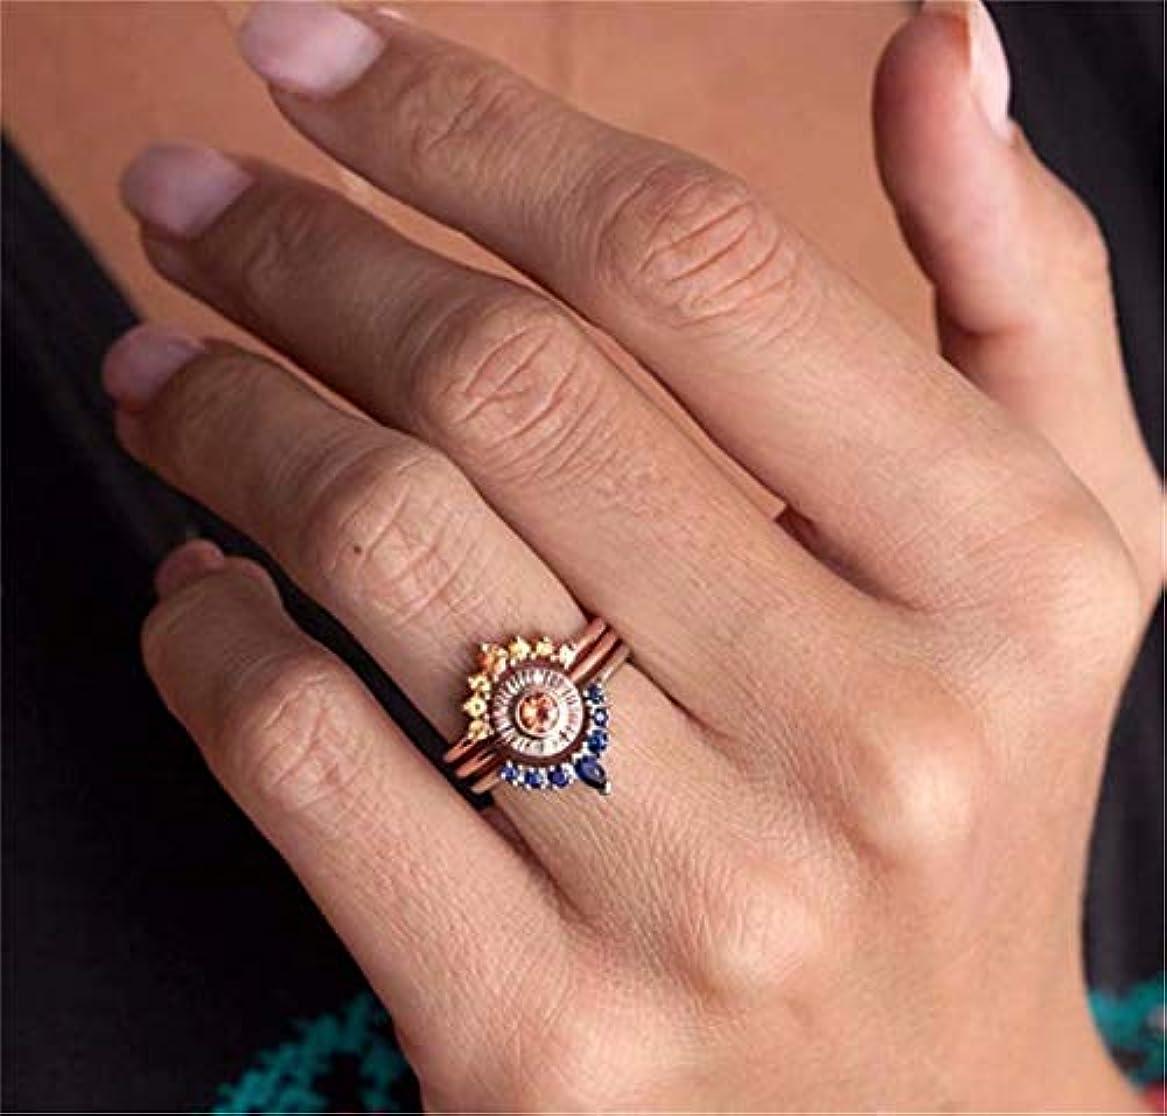 吸う家庭教師砲撃七里の香 指輪 ペアリング レディース メンズ リング キュービックジルコニア 結婚指輪 婚約指輪 シンプル フラワー 花 セット